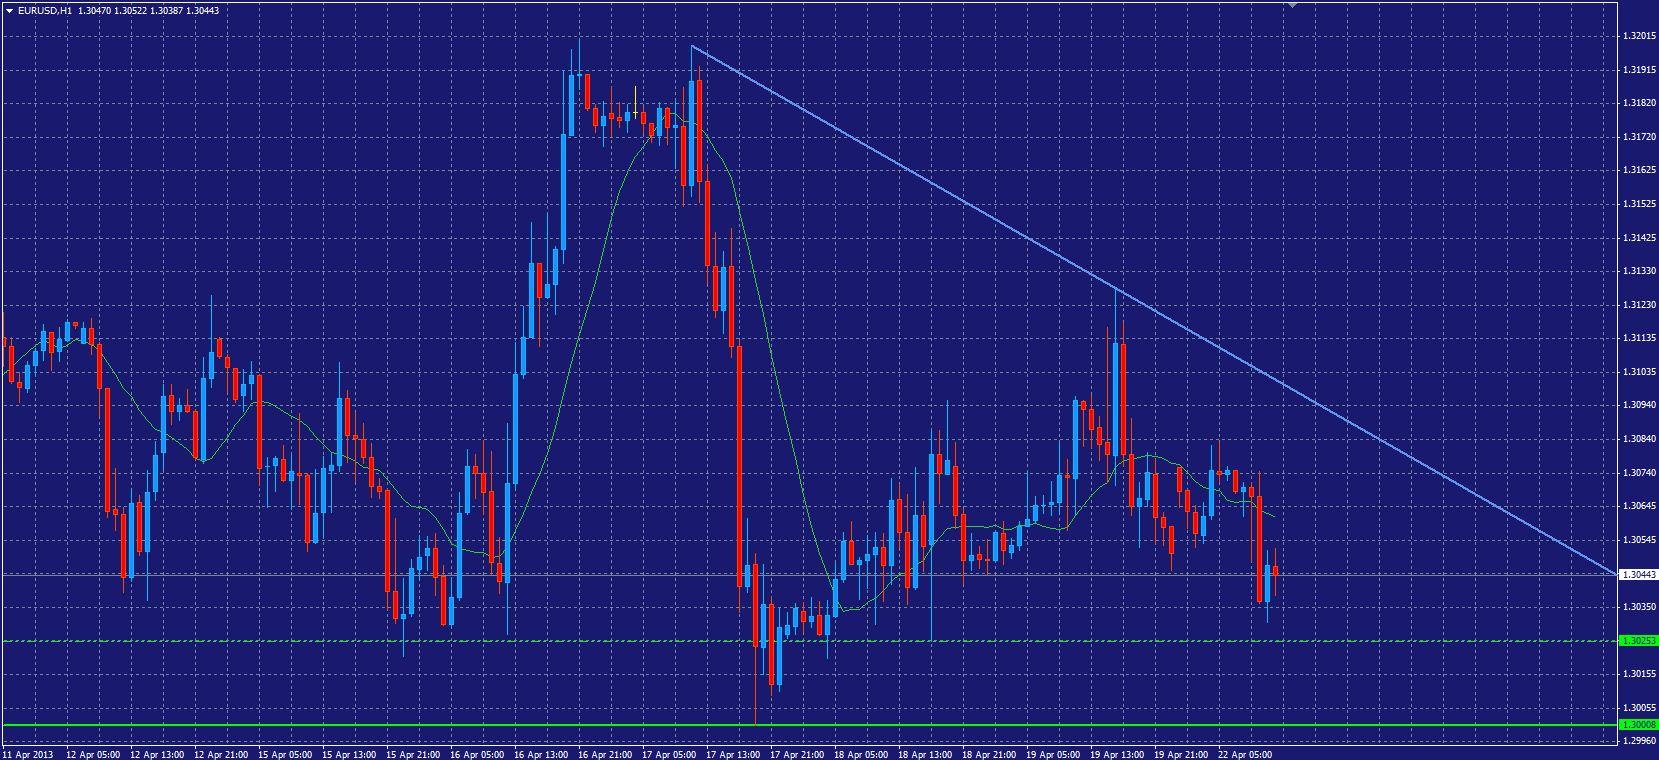 EUR/USD Forecast 22 Apr 2013